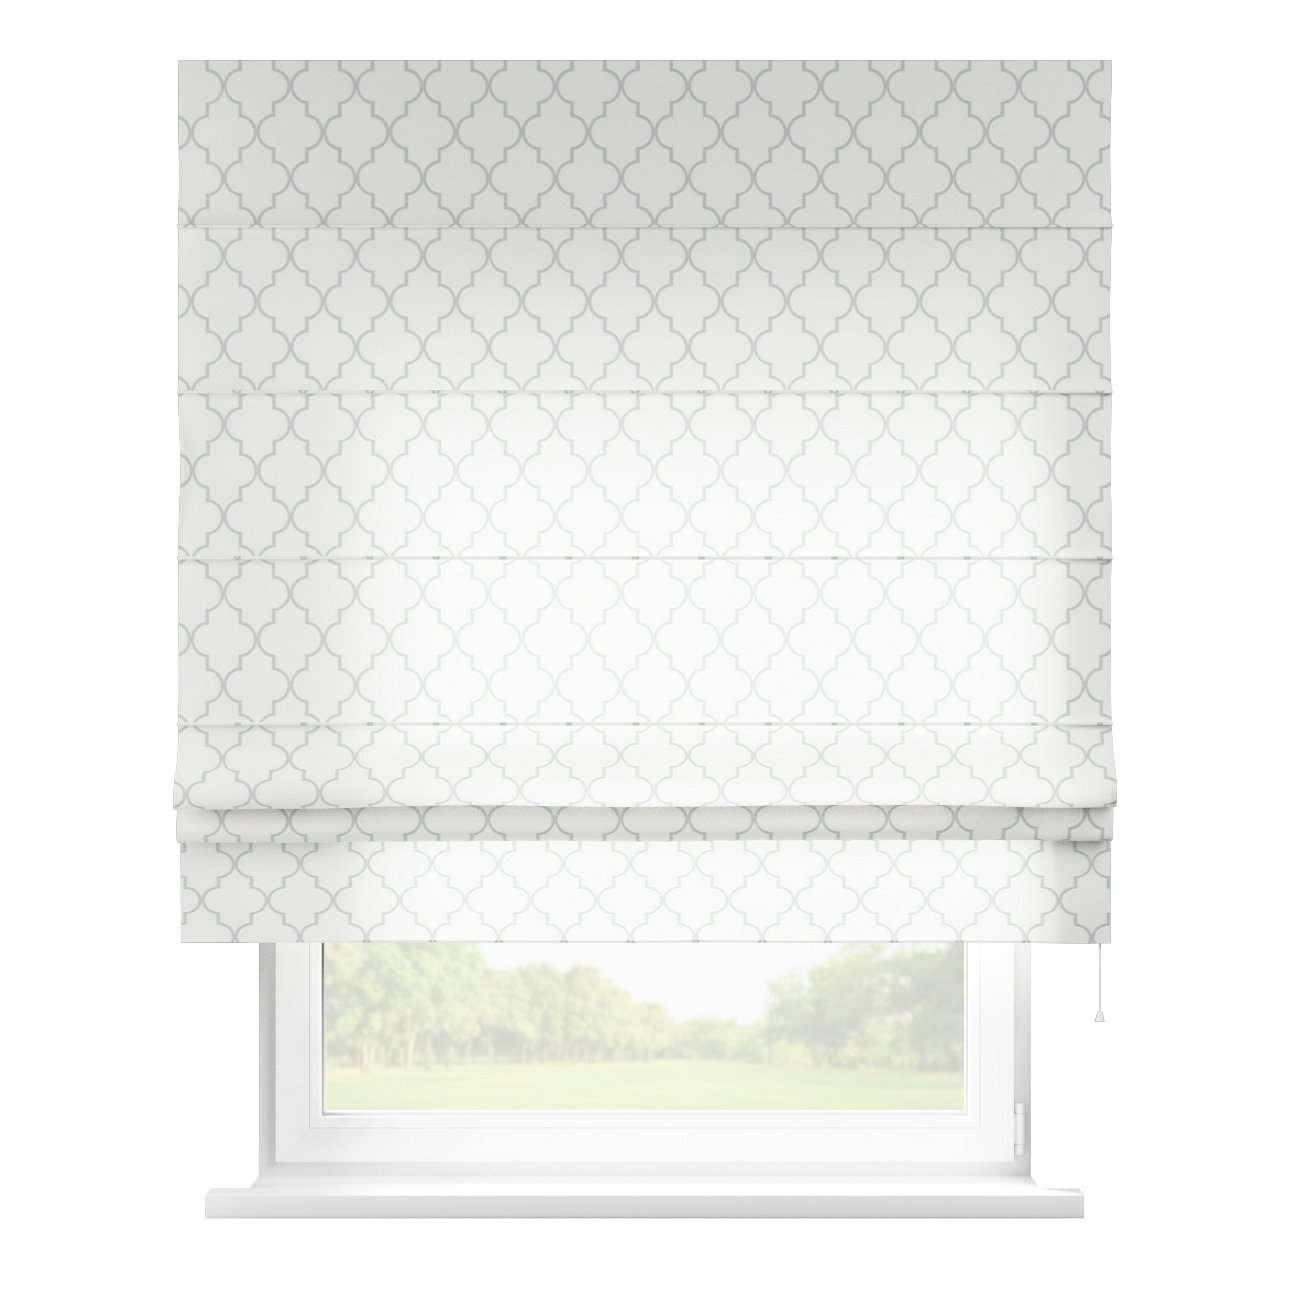 Raffrollo Padva, weiß, 100 × 170 cm, Comics